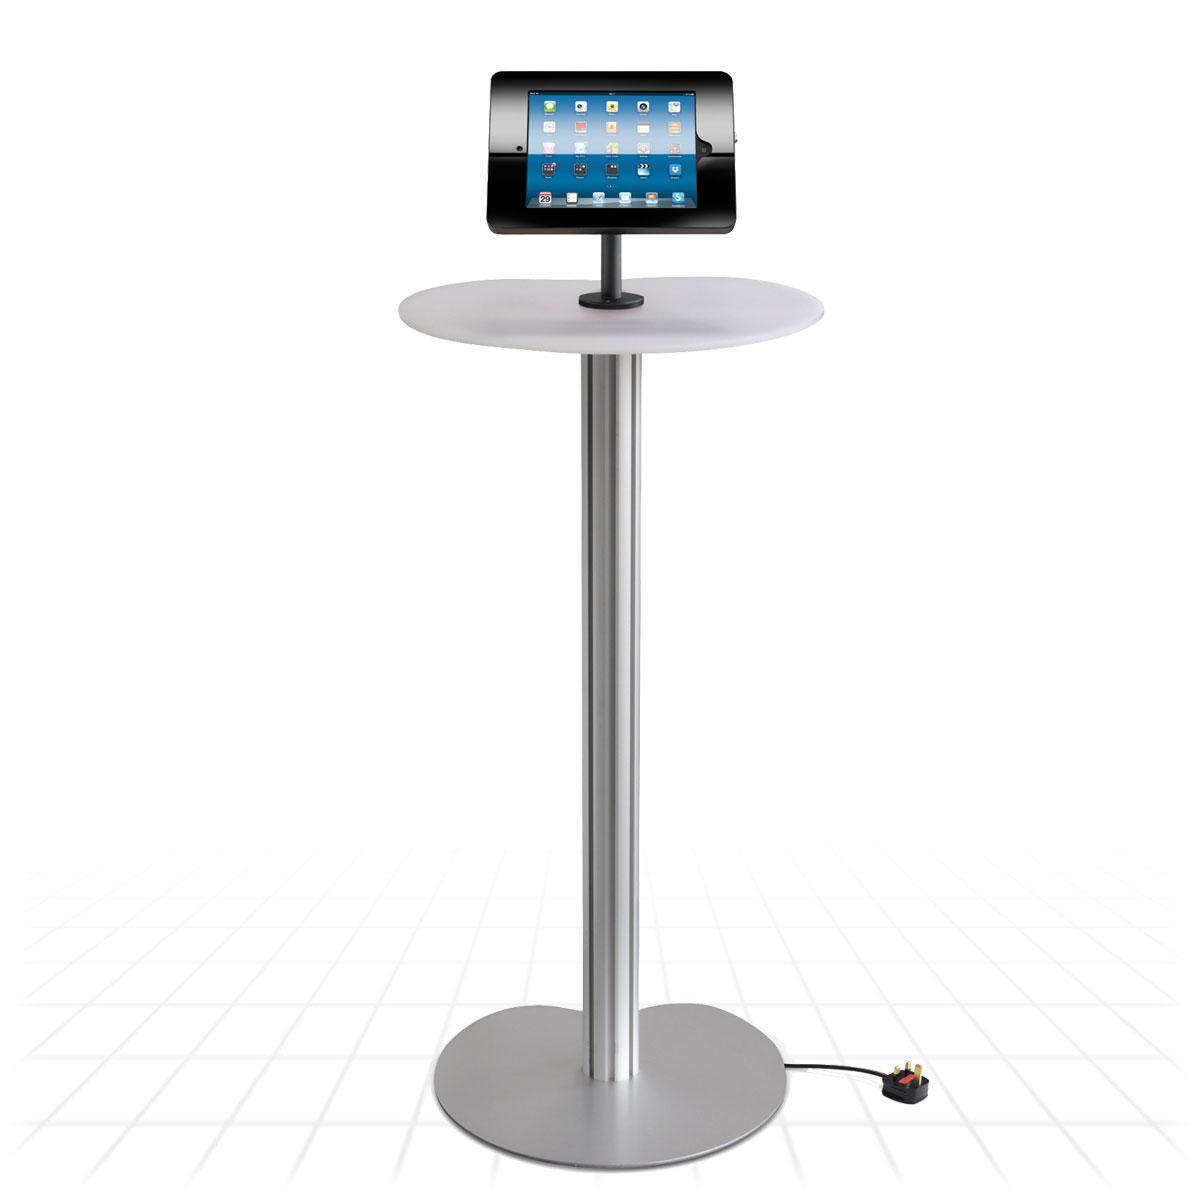 Zeus Exhibition Stand : Podium ipad display stand tablet stands